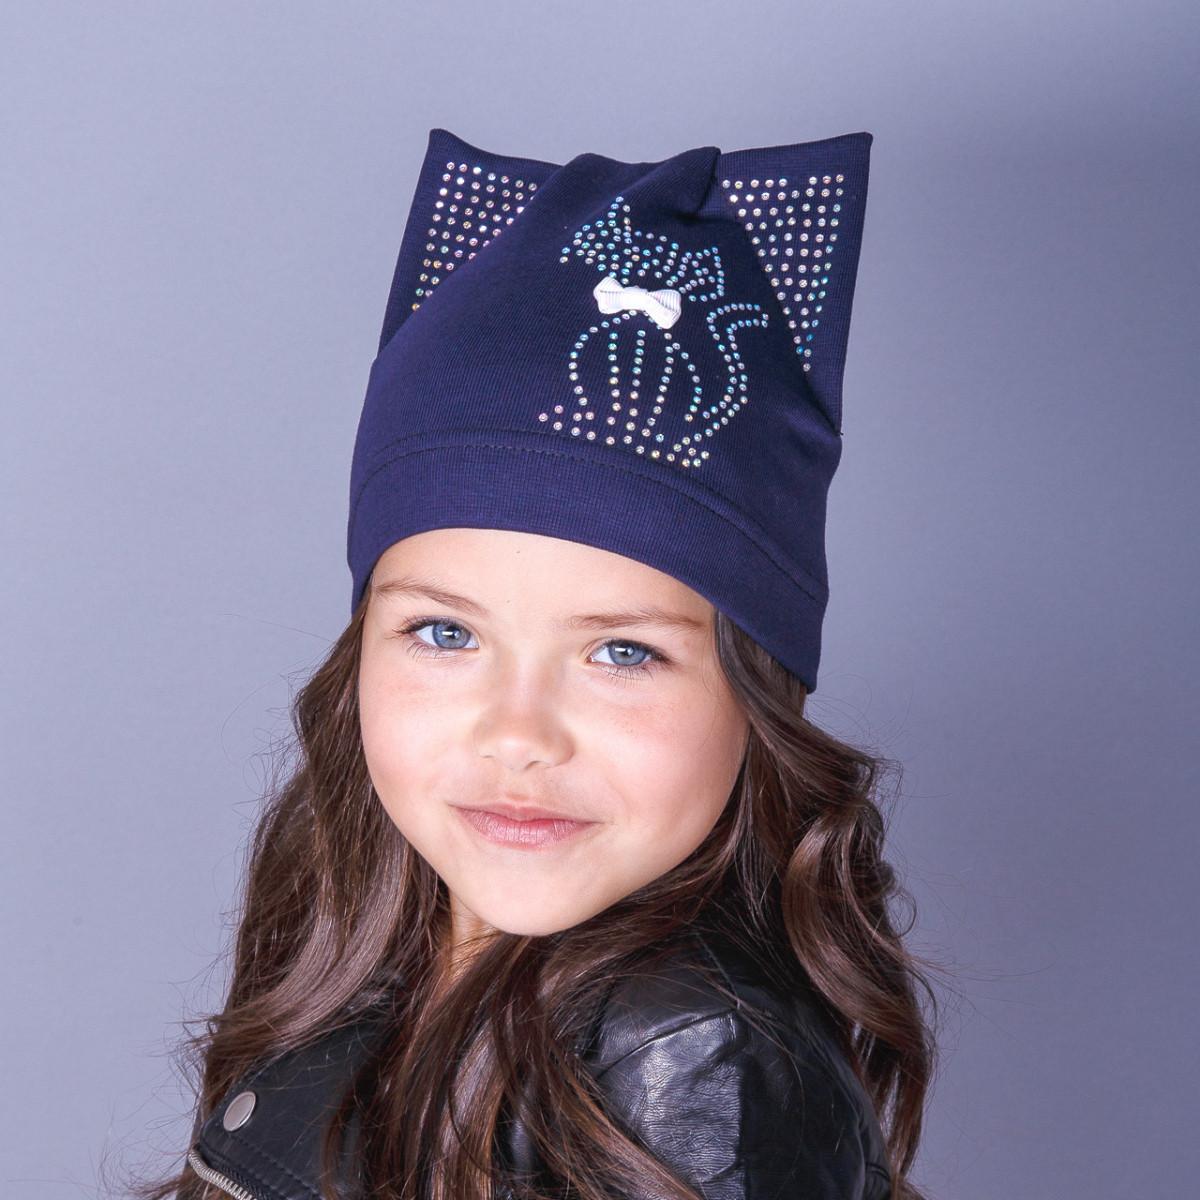 Модная шапка-кошка для девочек оптом - весна-осень - Артикул 1754